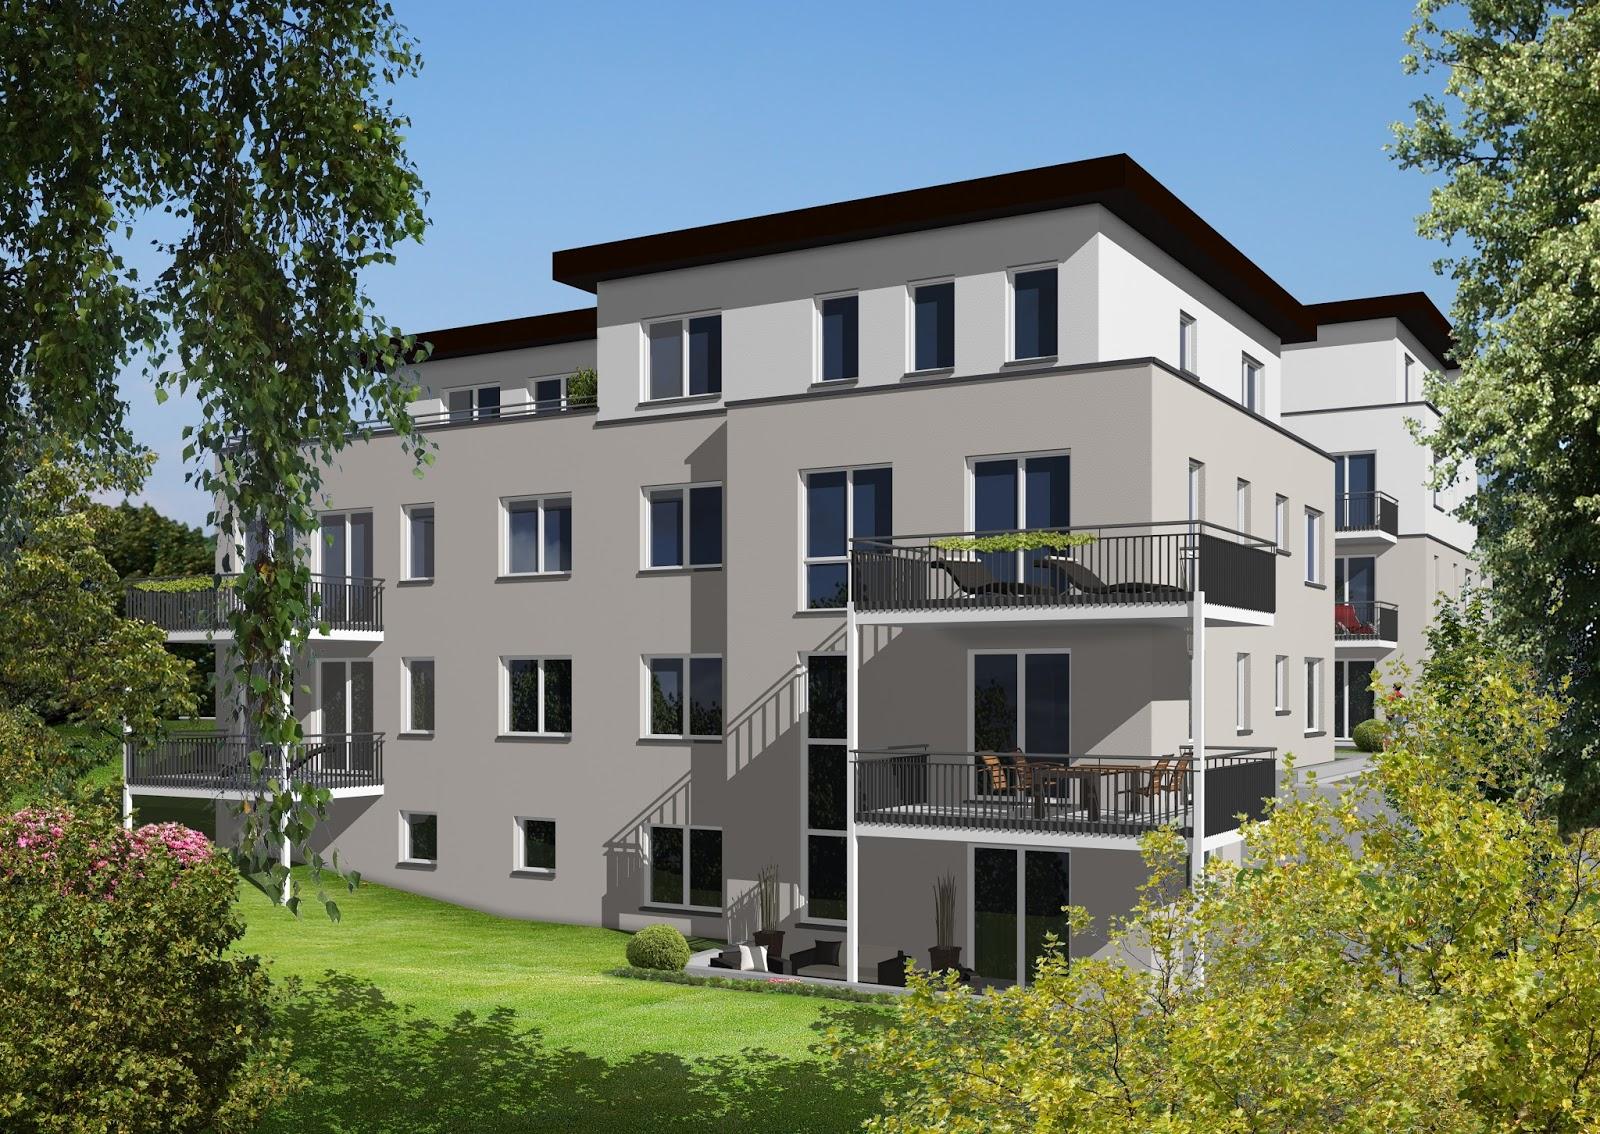 blumenauer consulting immobilien wohnen am bachlauf verkaufsstart am samstag den. Black Bedroom Furniture Sets. Home Design Ideas